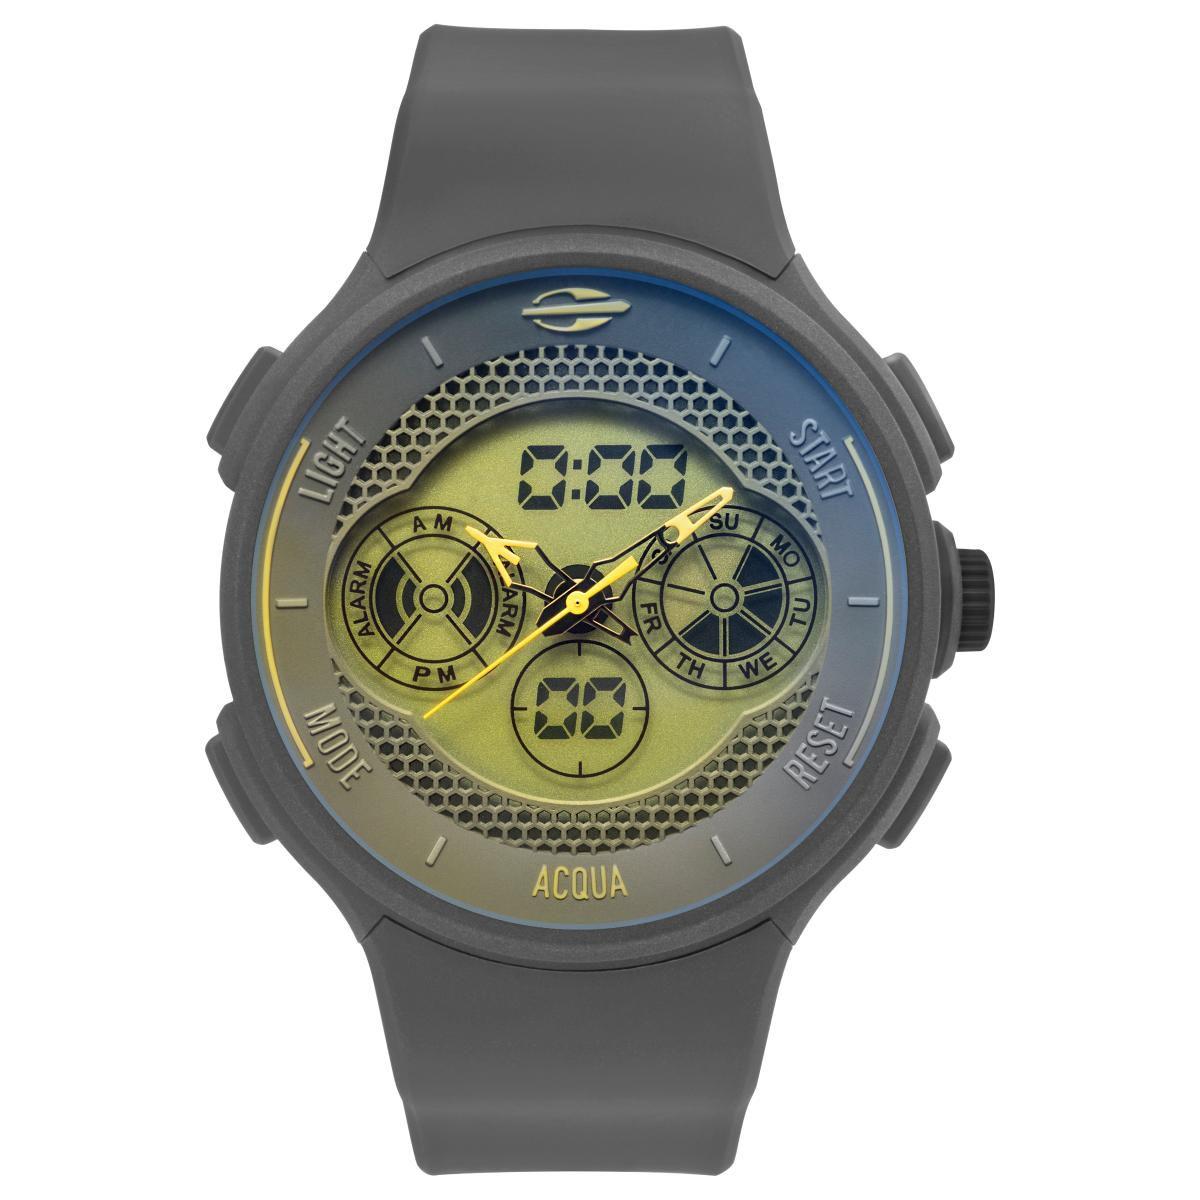 Relógio Masculino Mormaii Action MO1608C/8A 47mm Silicone Cinza